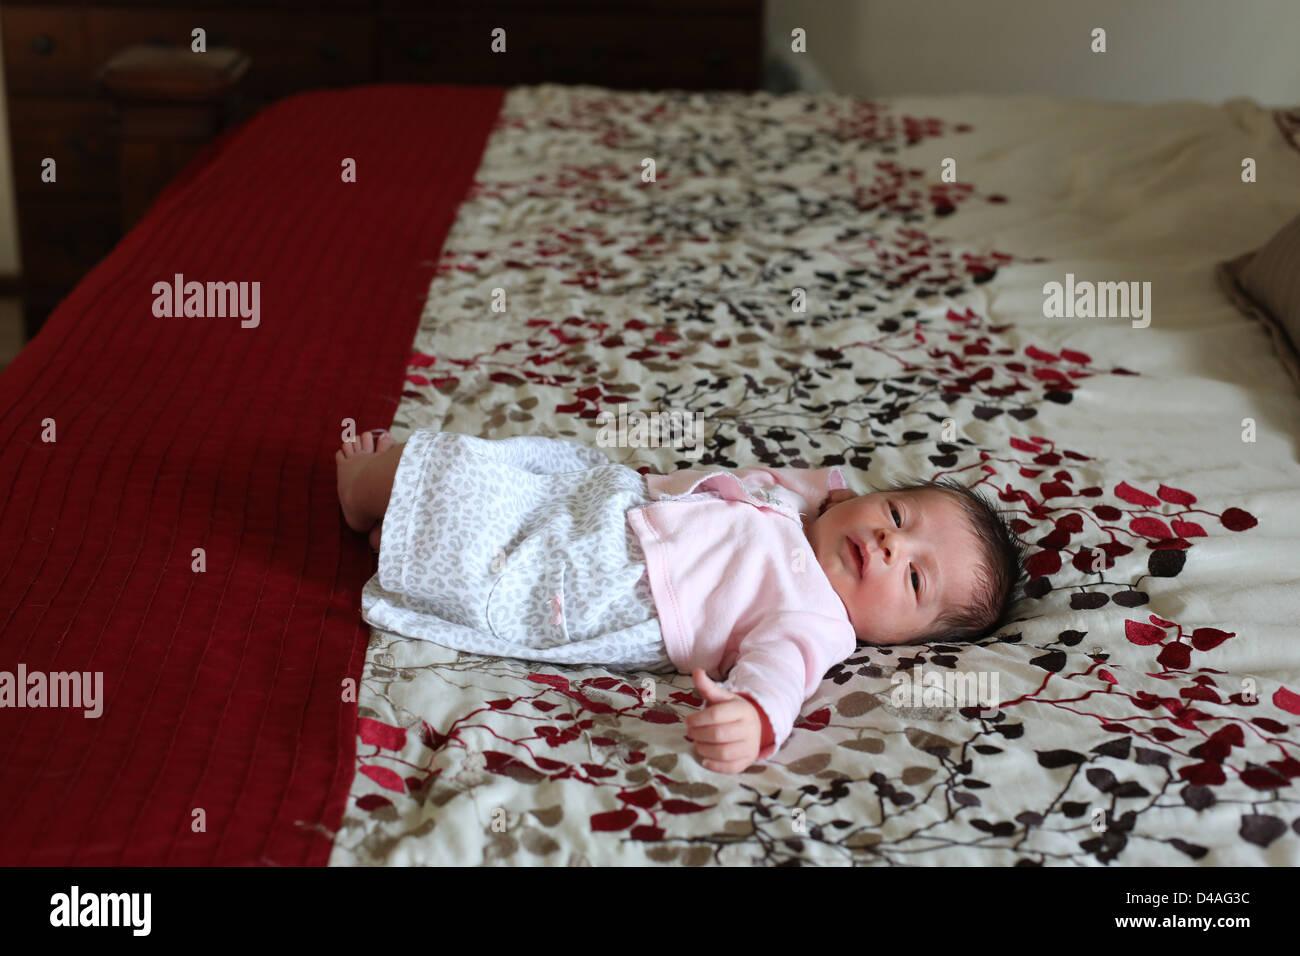 Un minuscolo neonato sdraiato su un letto di grandi dimensioni. Immagini Stock